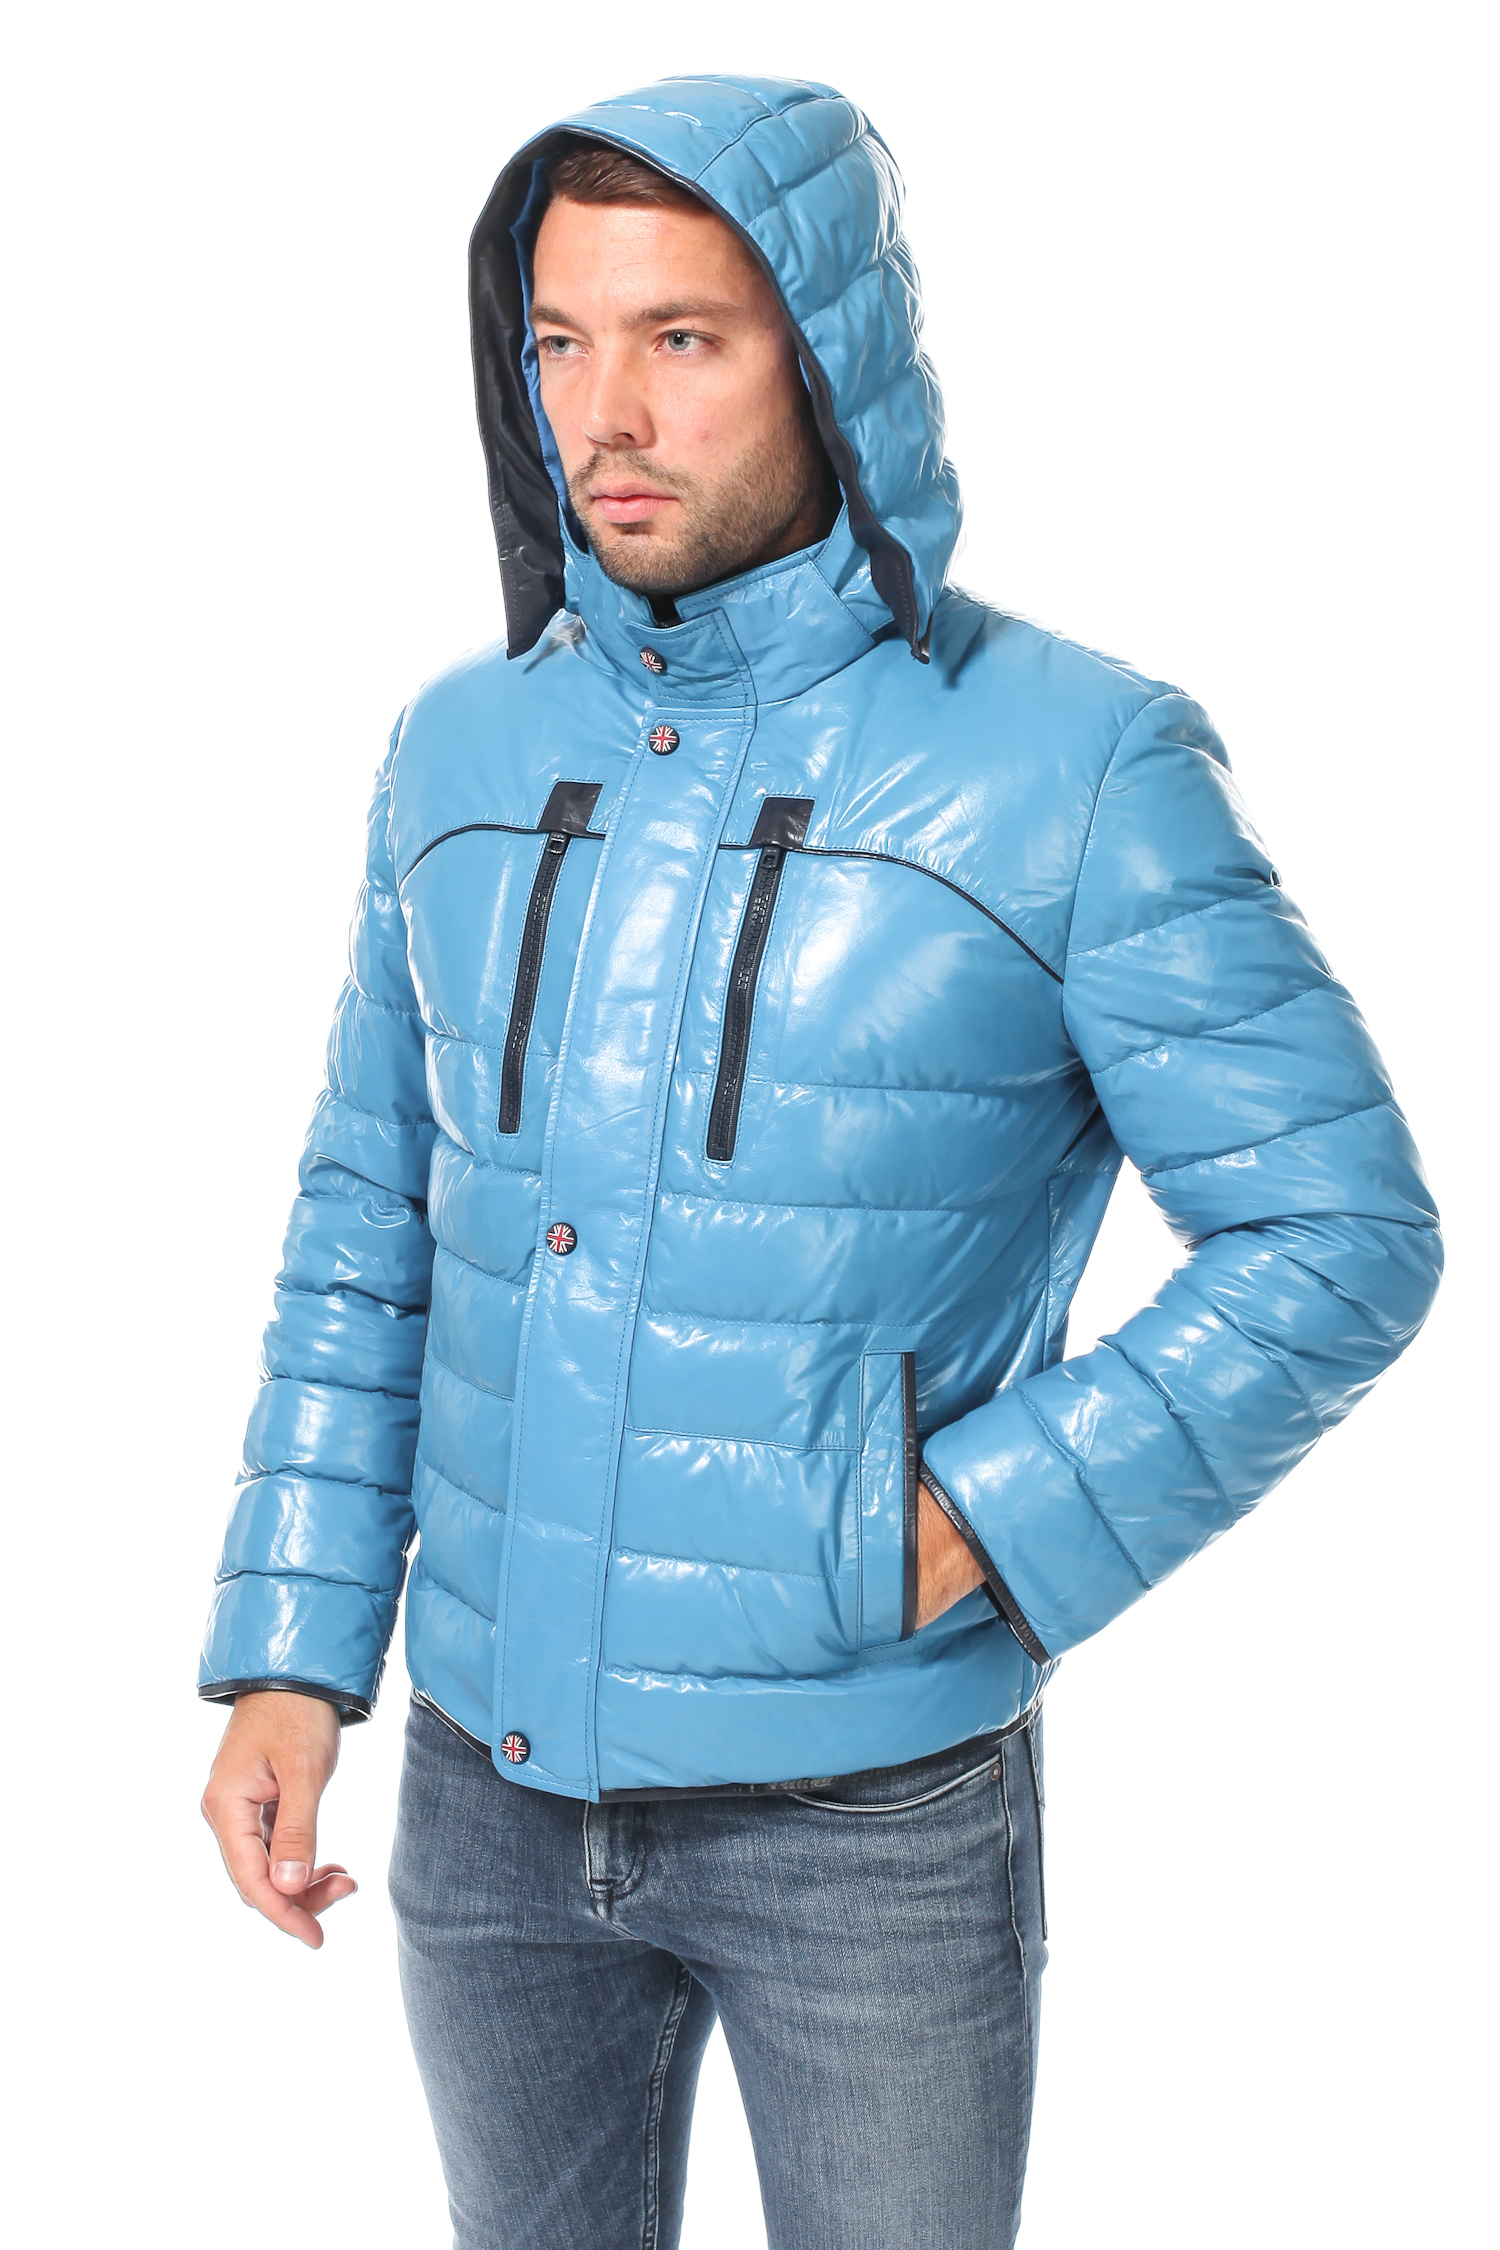 Пуховик мужской из натуральной кожи с капюшоном, без отделки<br><br>Воротник: съемный капюшон<br>Длина см: Короткая (51-74 )<br>Материал: Кожа овчина<br>Цвет: голубой<br>Вид застежки: центральная<br>Застежка: на молнии<br>Пол: Мужской<br>Размер RU: 46